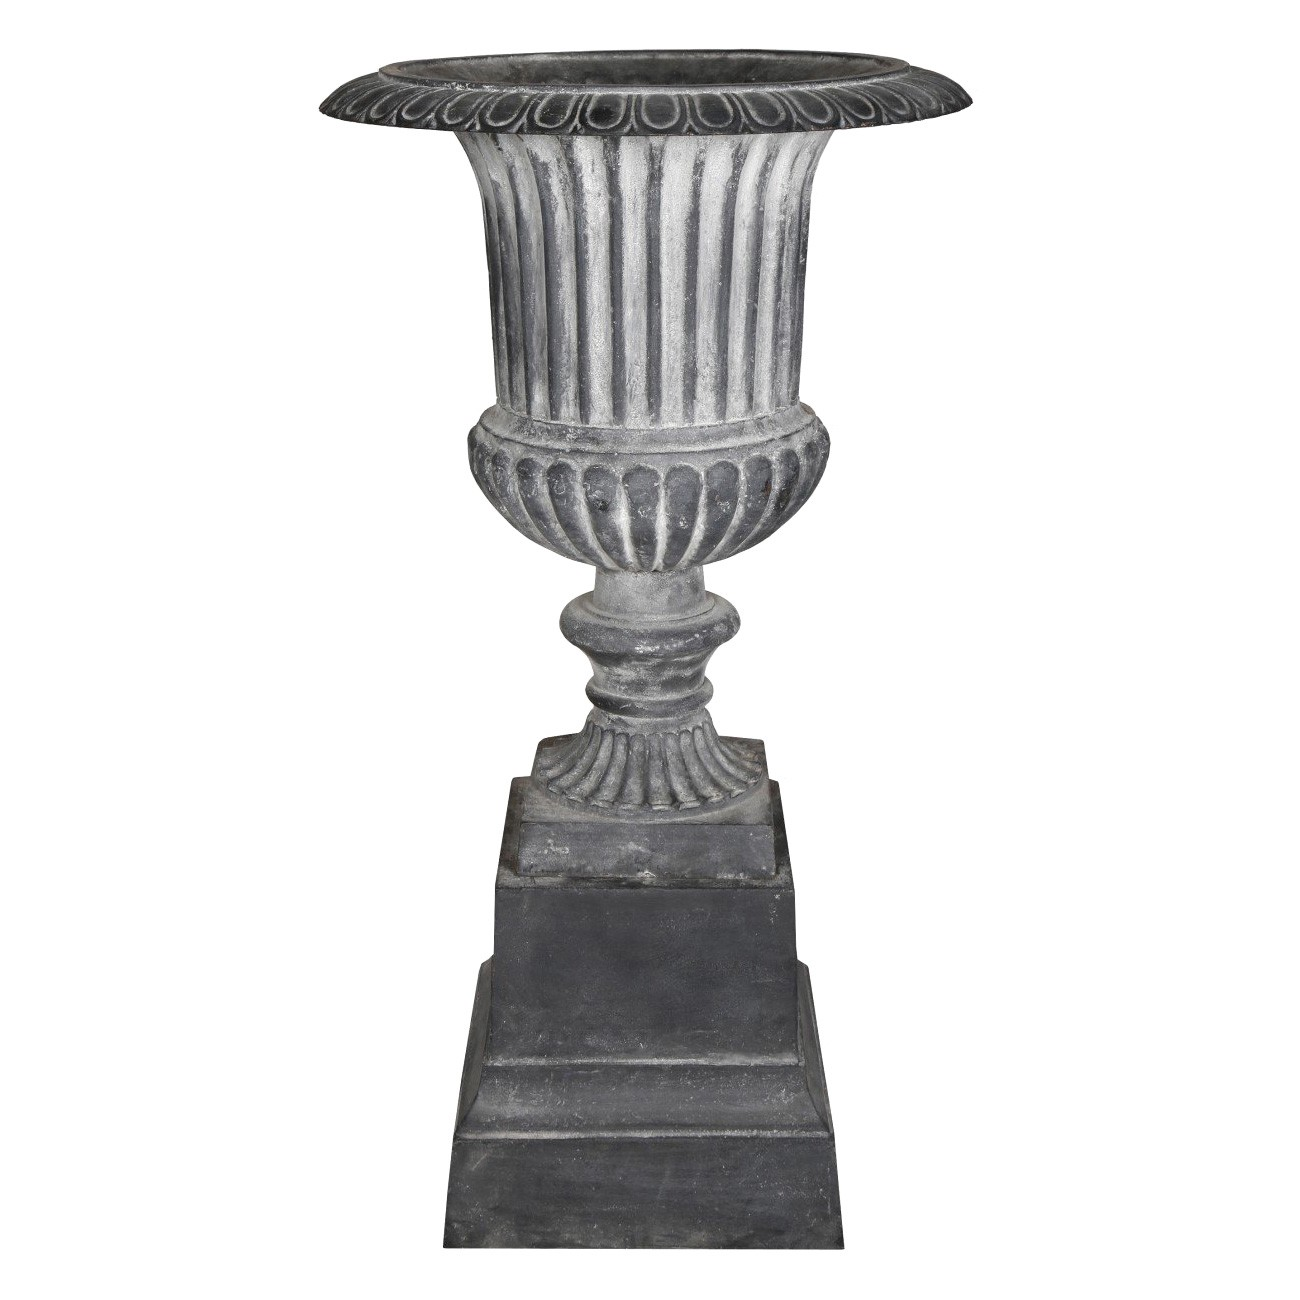 Venetian Cast Iron Fluted Garden Urn & Pedestal Set, Lead